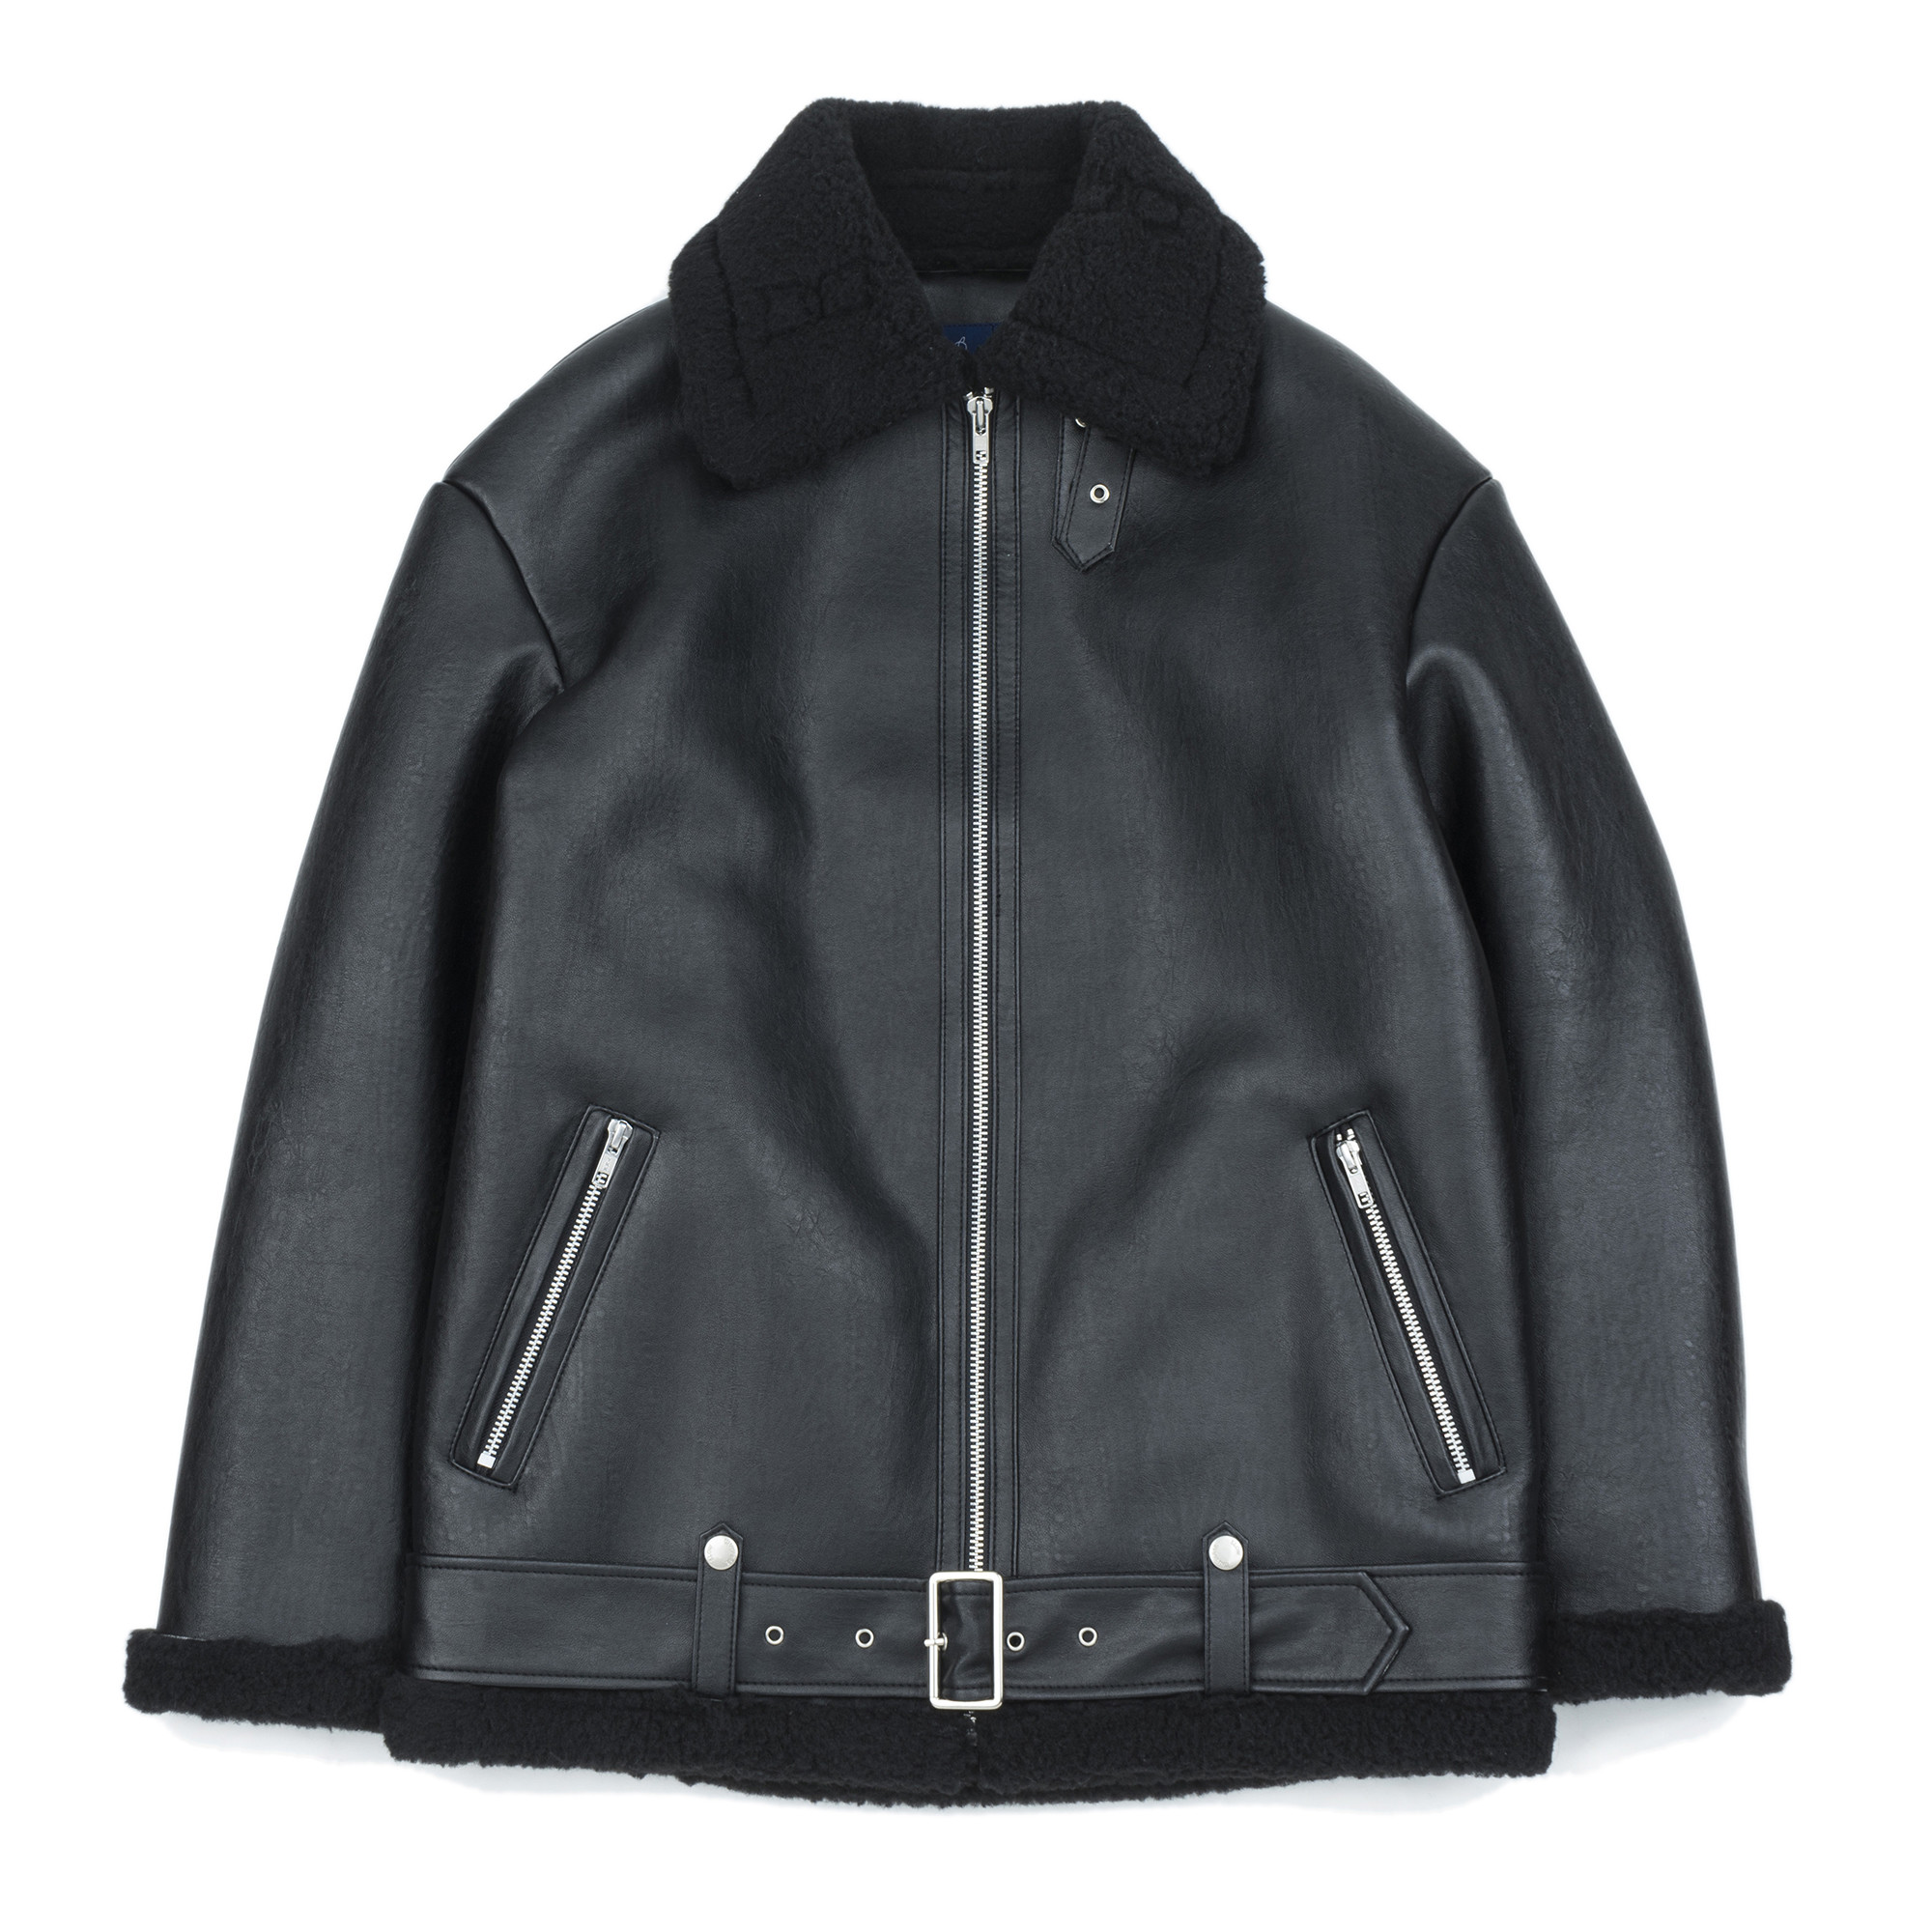 [슬로우유니버스] (유니섹스) 타입 비-3 무톤 재킷 (블랙)